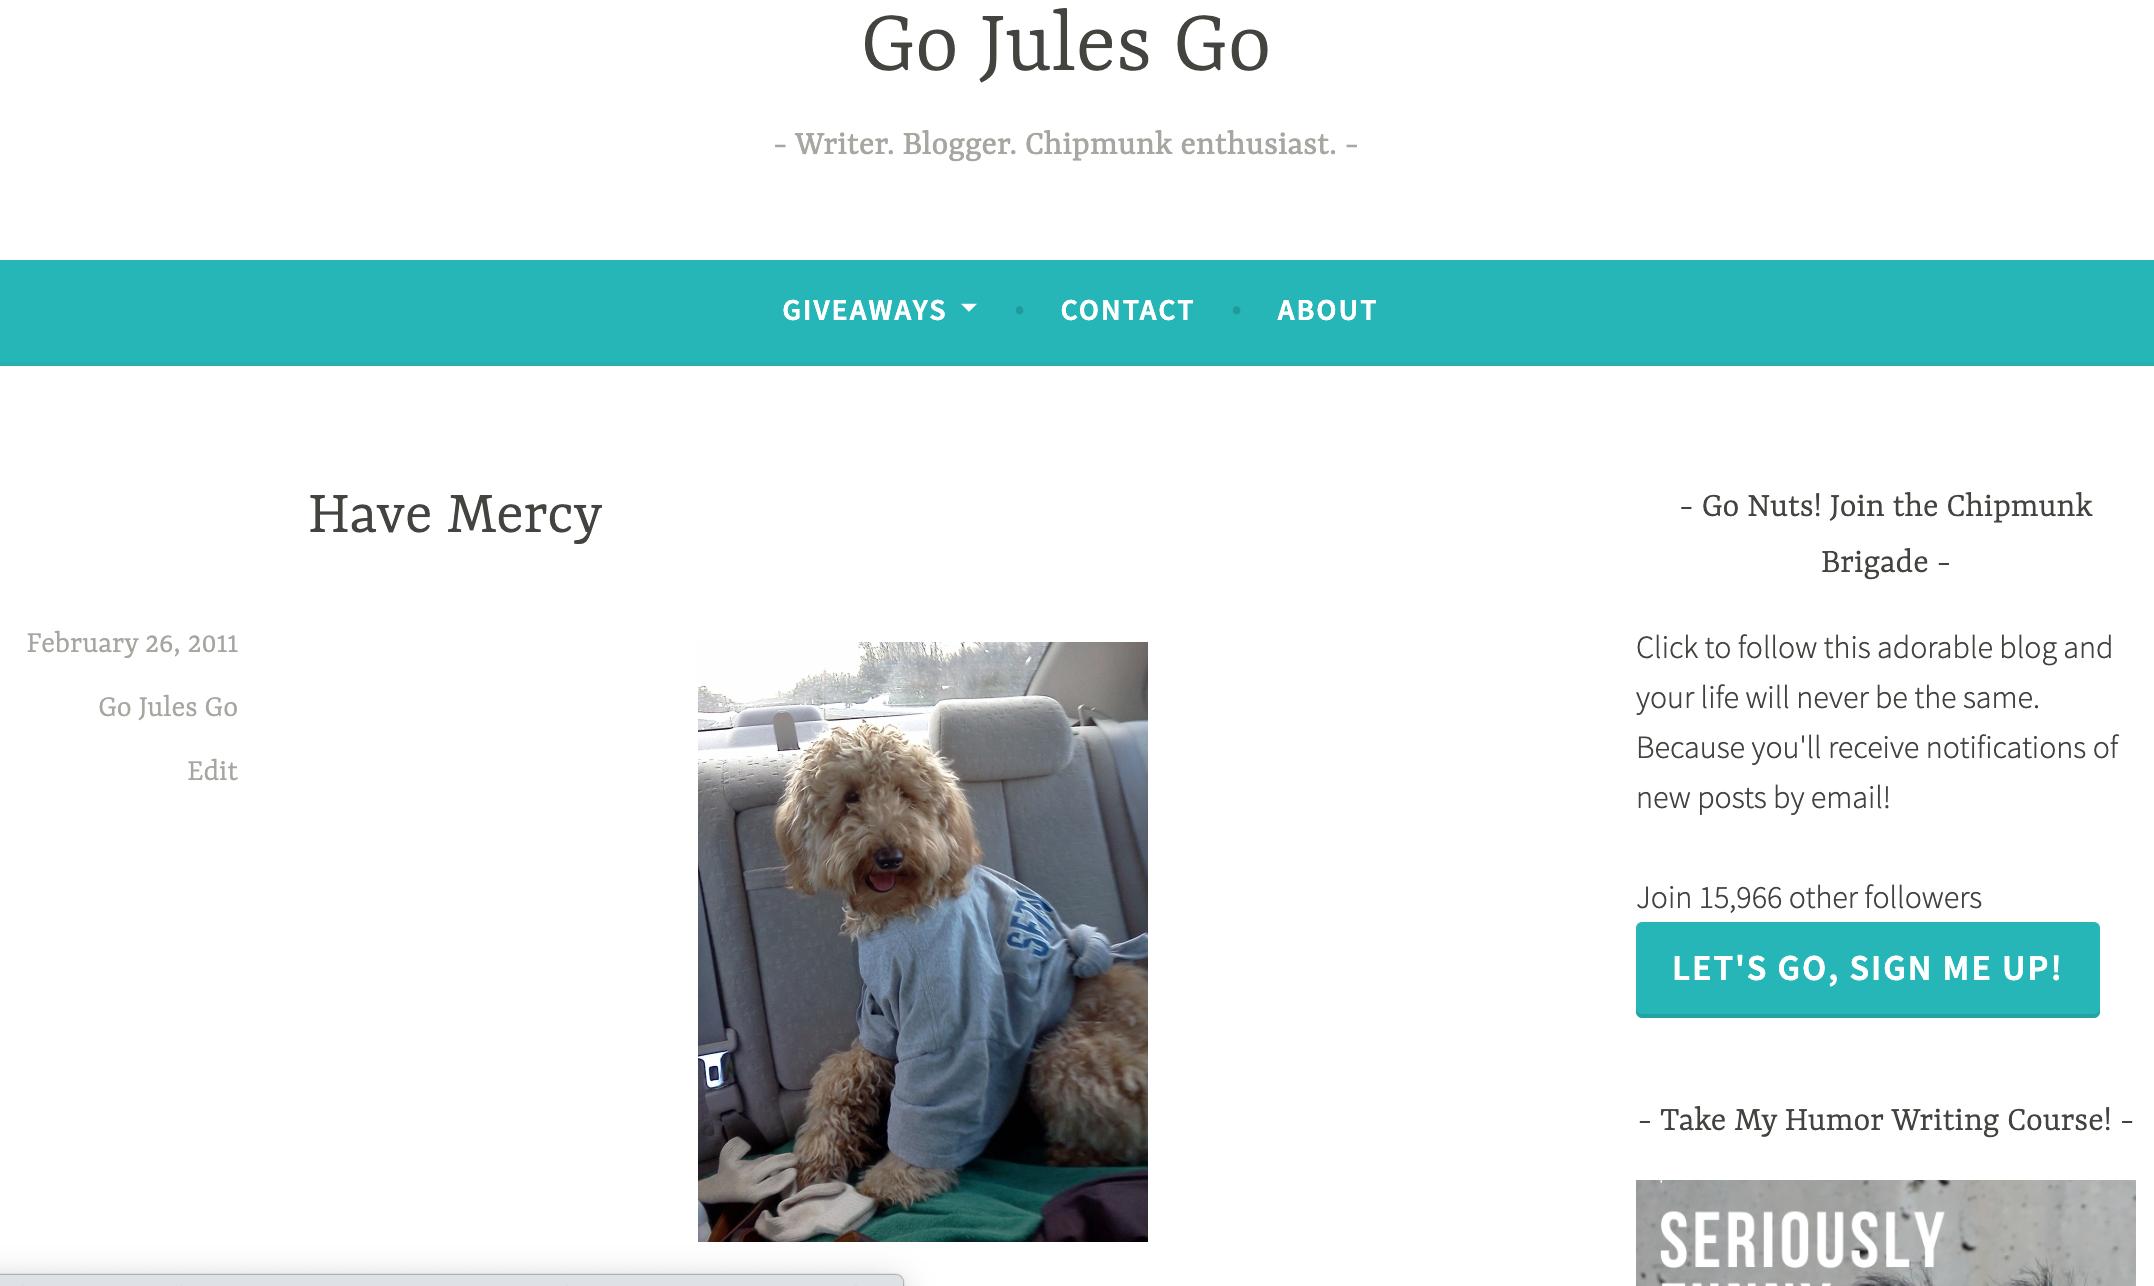 GoJulesGo first blog post